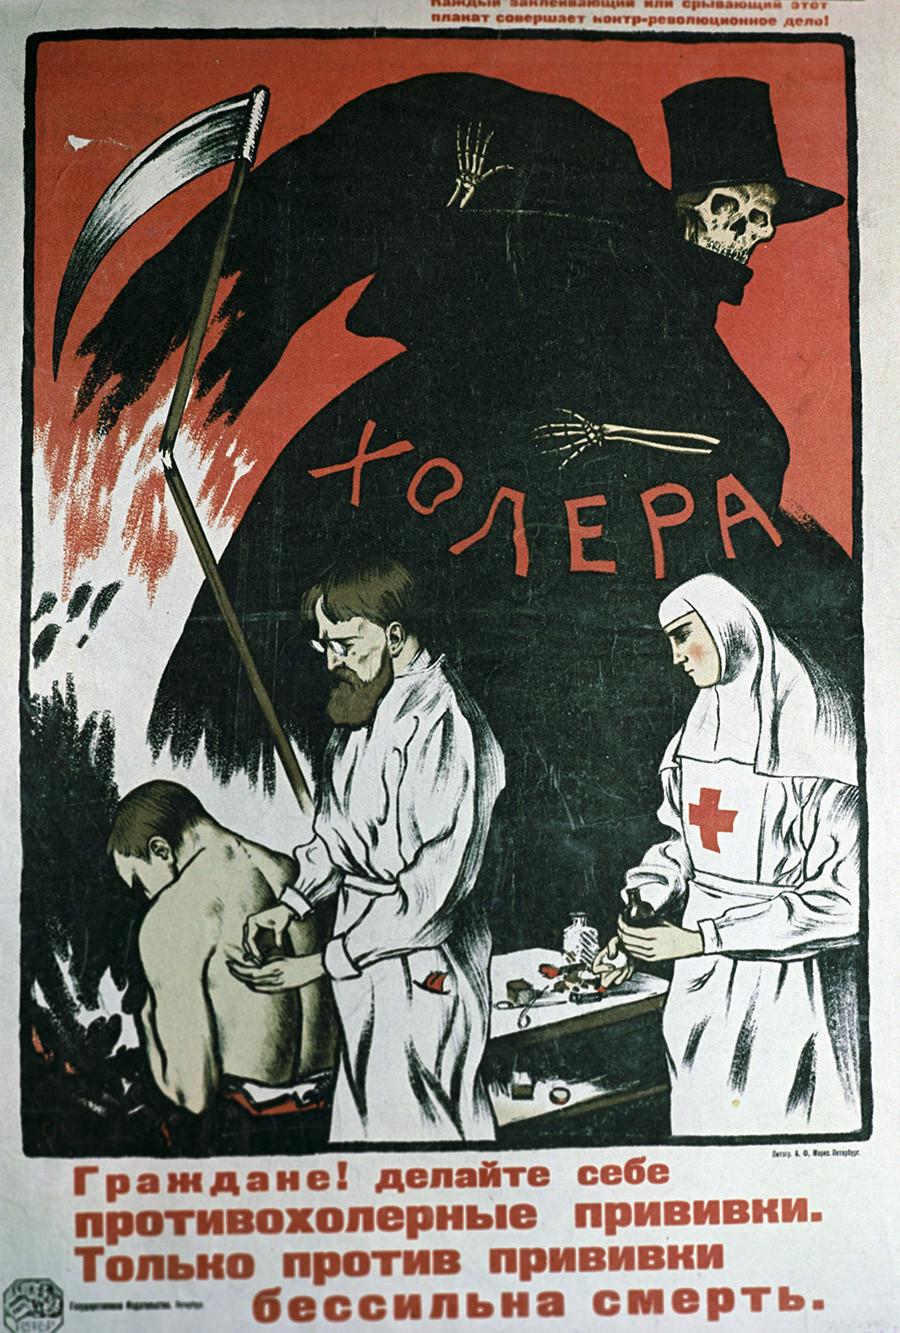 «Citoyens! Faites-vous le vaccin anti-choléra! C'est seulement face au vaccin que la mort est impuissante!»